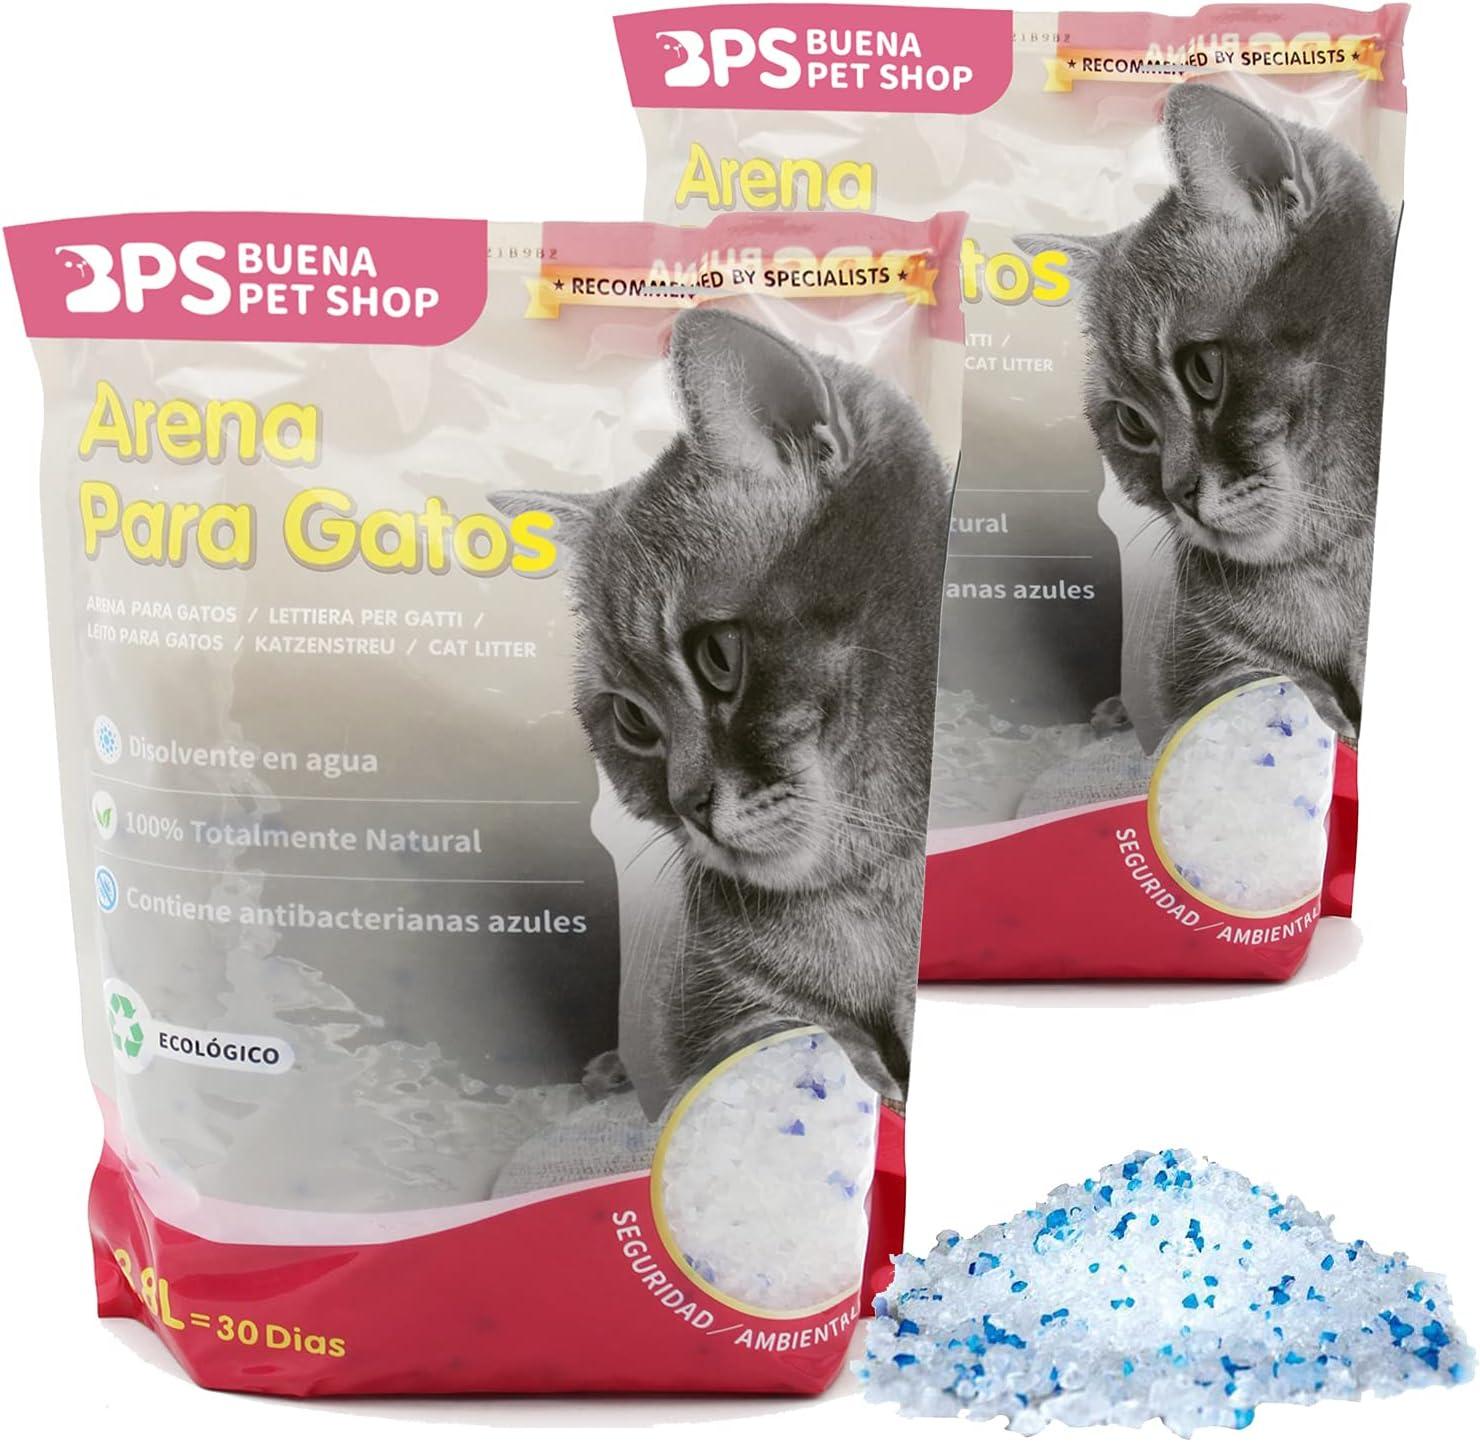 BPS 7.6 L Arena de Sílice para Gatos Arena Blanco Fresco Mascotas Cat Litter 4 Tamaños 3.8L/7.6L/15.2L/30.4L para Elegir (7.6 L) BPS-3200 * 2